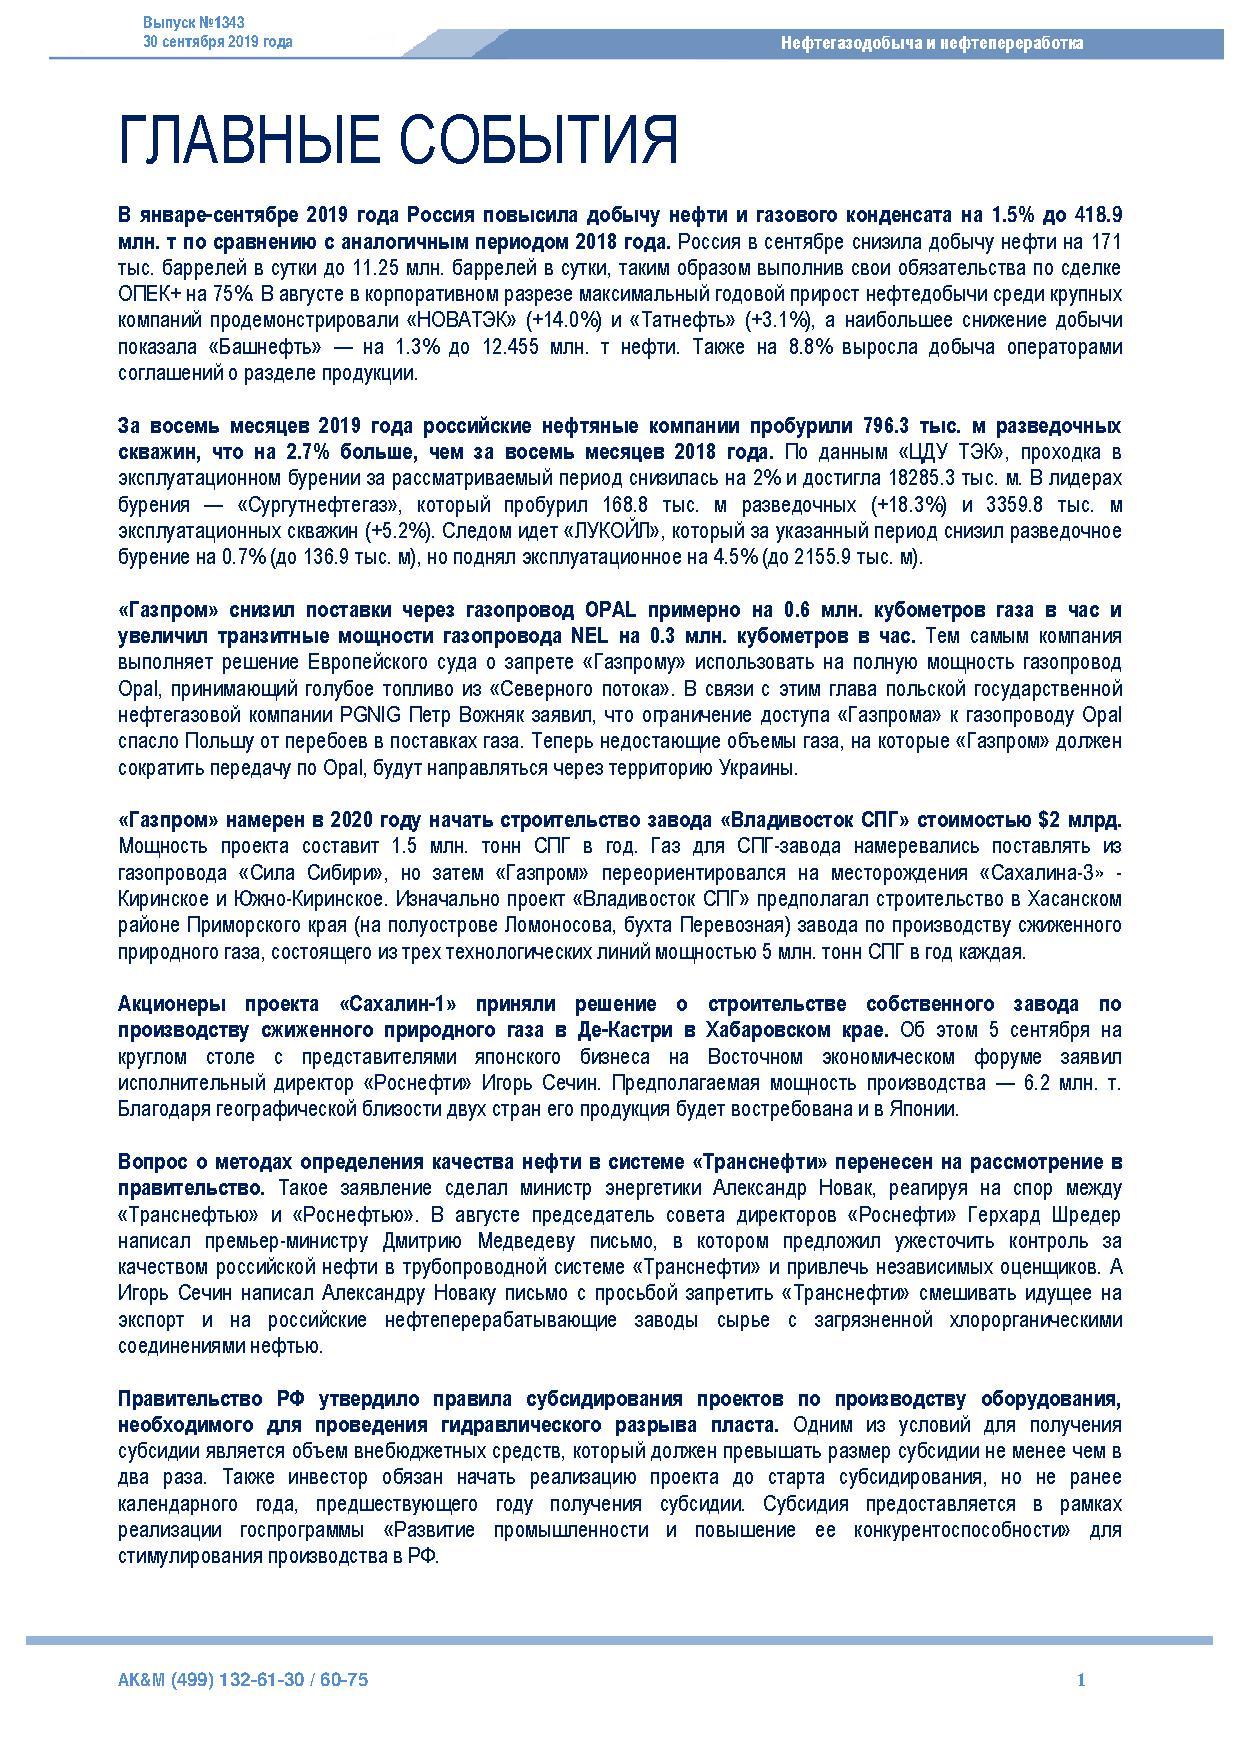 №1343 Нефтегазодобыча и нефтепереработка